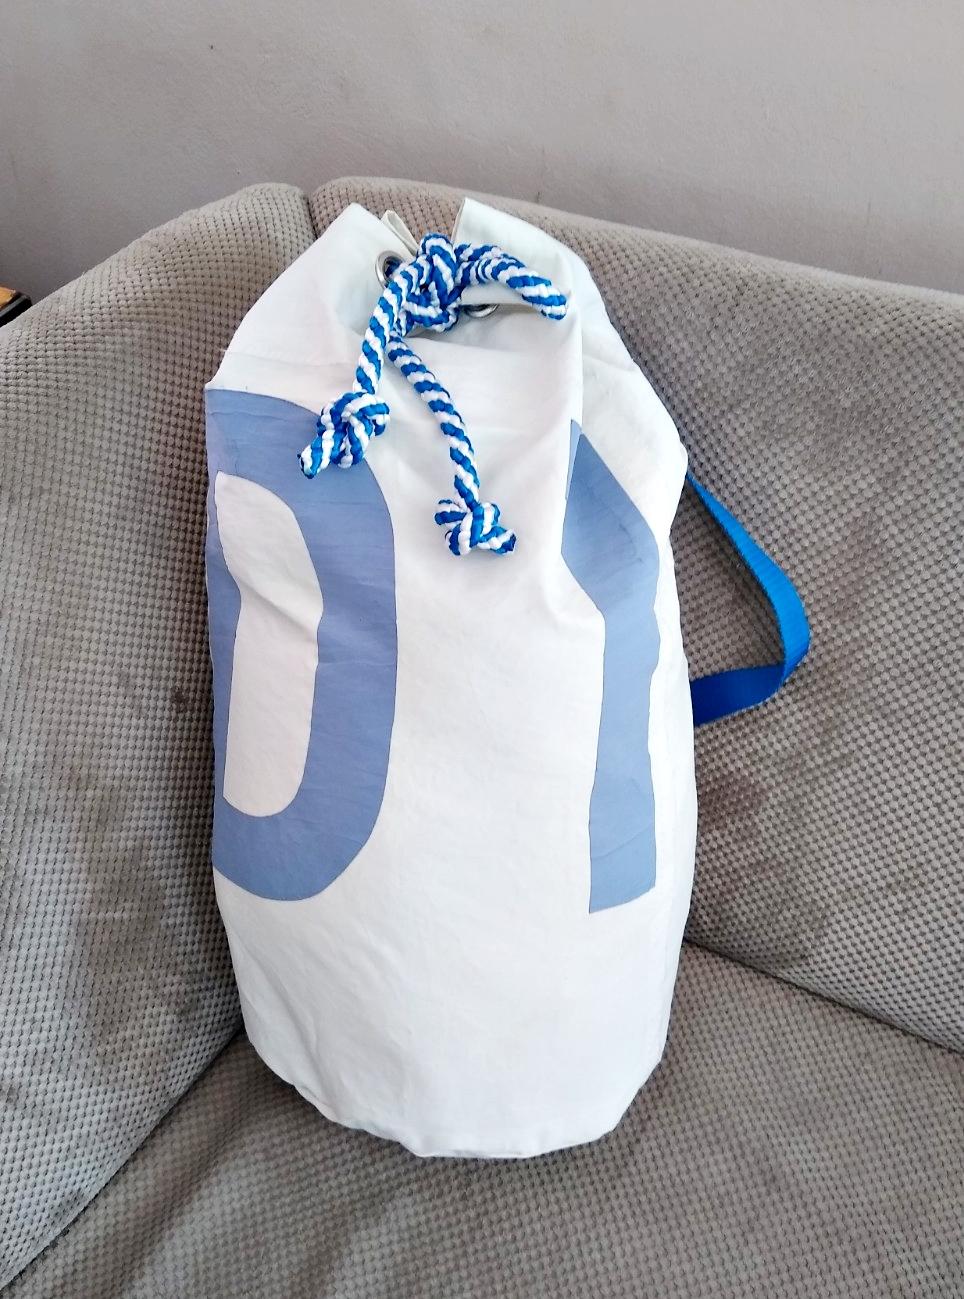 worek dla żeglarza worek żeglarski z prawdziwego żagla, oryginalny żagiel